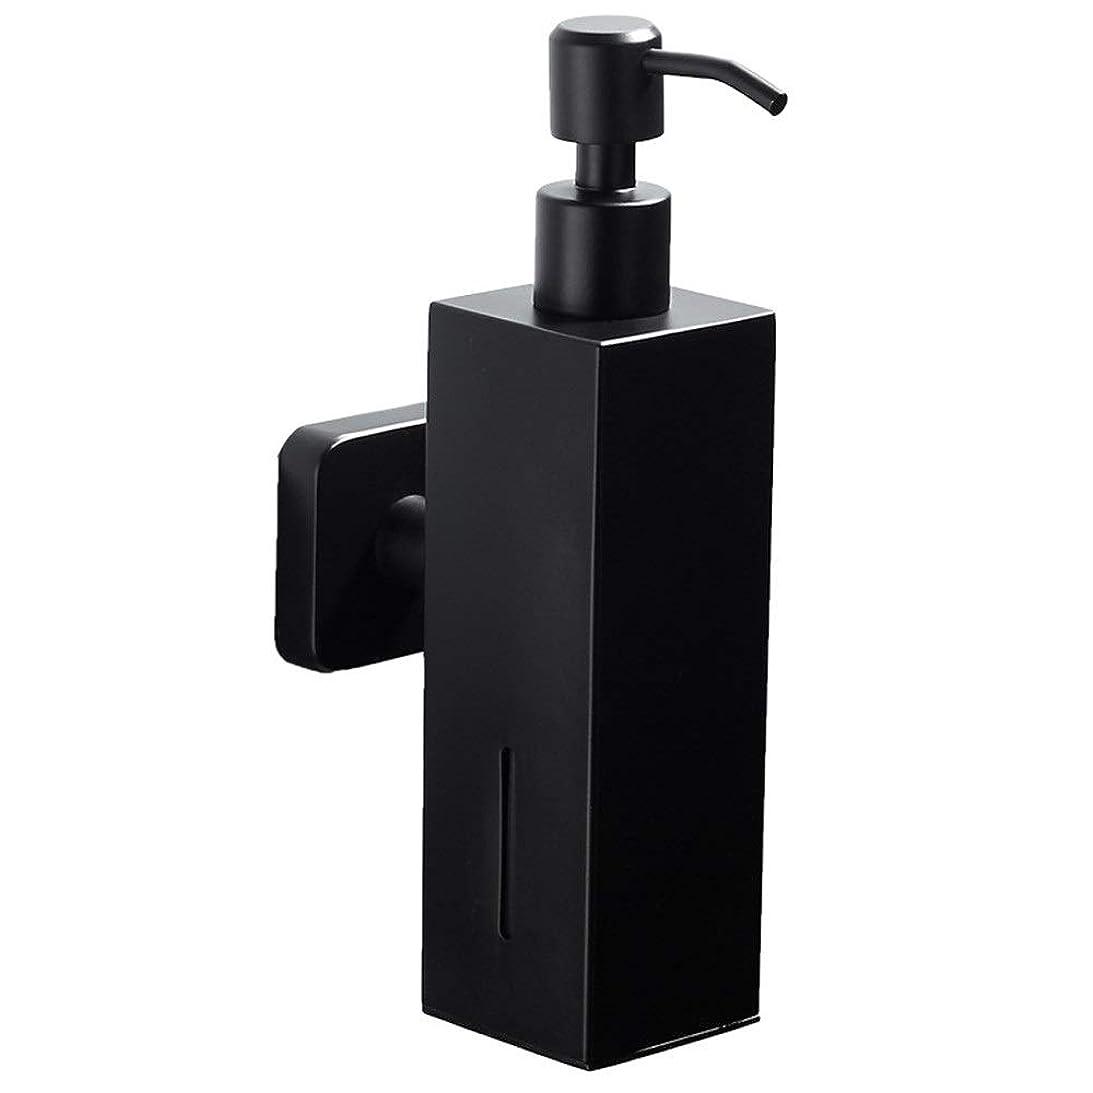 プロポーショナル微生物行う壁ソープディスペンサー 浴室の台所の流しのための石鹸ディスペンサーの壁に取り付けられたコンディショナーの石鹸ディスペンサー ソープディスペンサー (色 : ブラック, サイズ : 200ml)